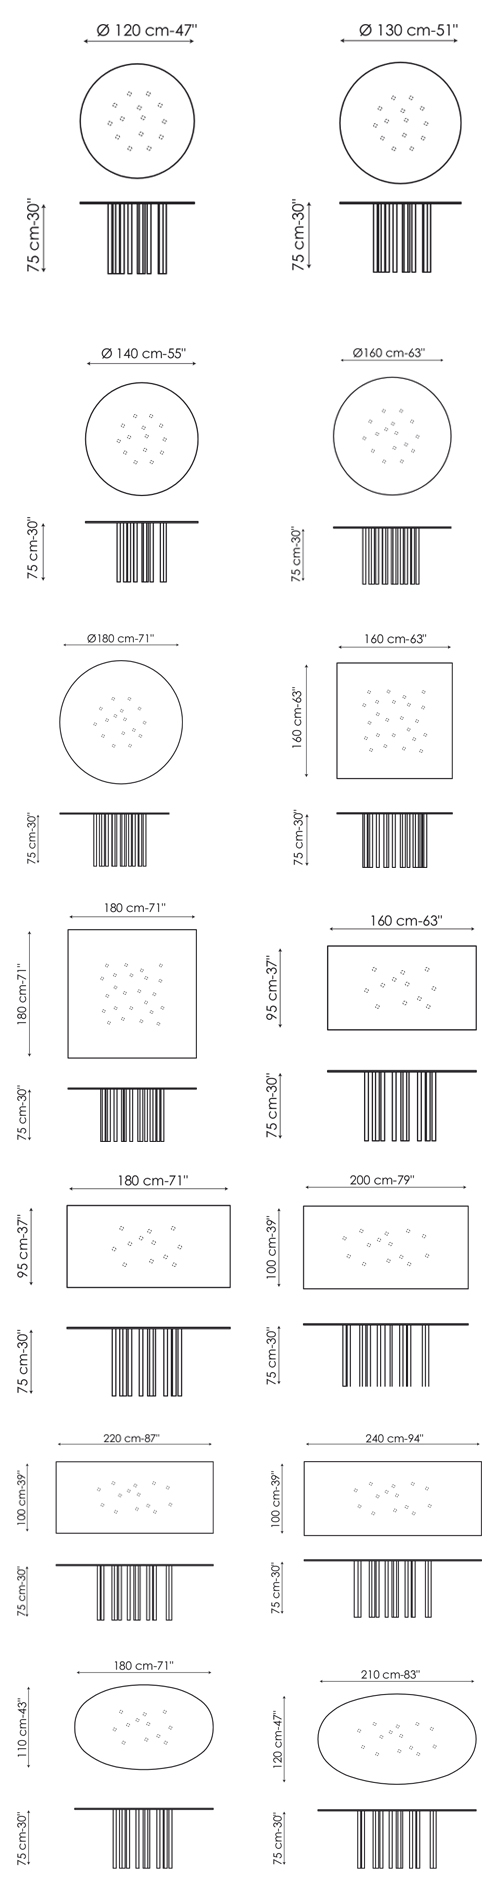 Diagrama con las 14 medidas de la mesa Mille de Bonaldo